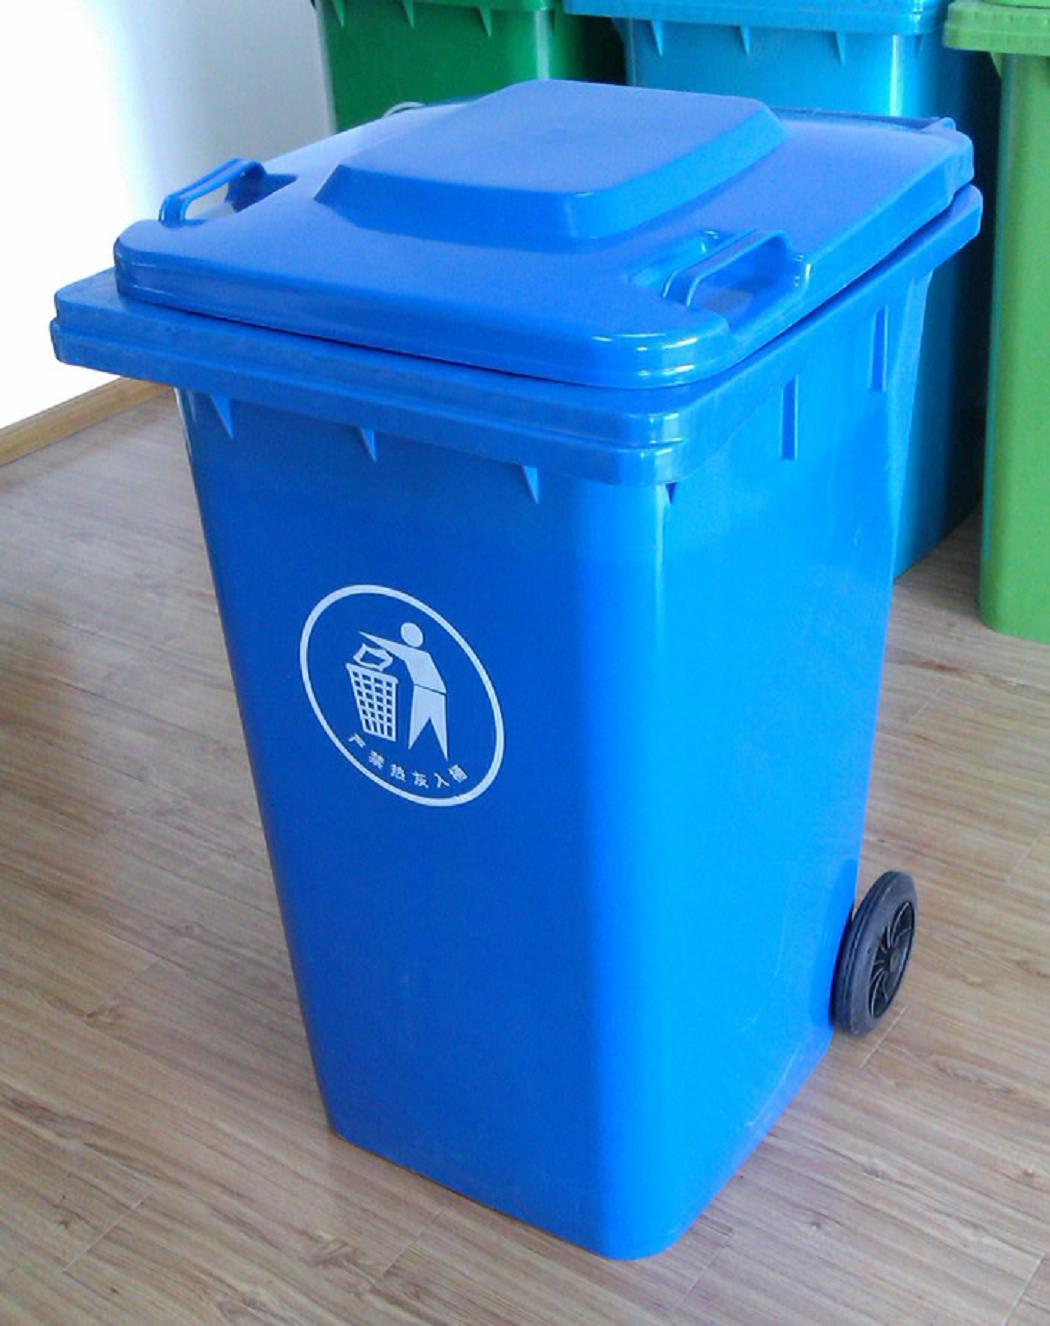 【环卫垃圾桶室外垃圾桶240升颜色可定制塑料垃圾桶